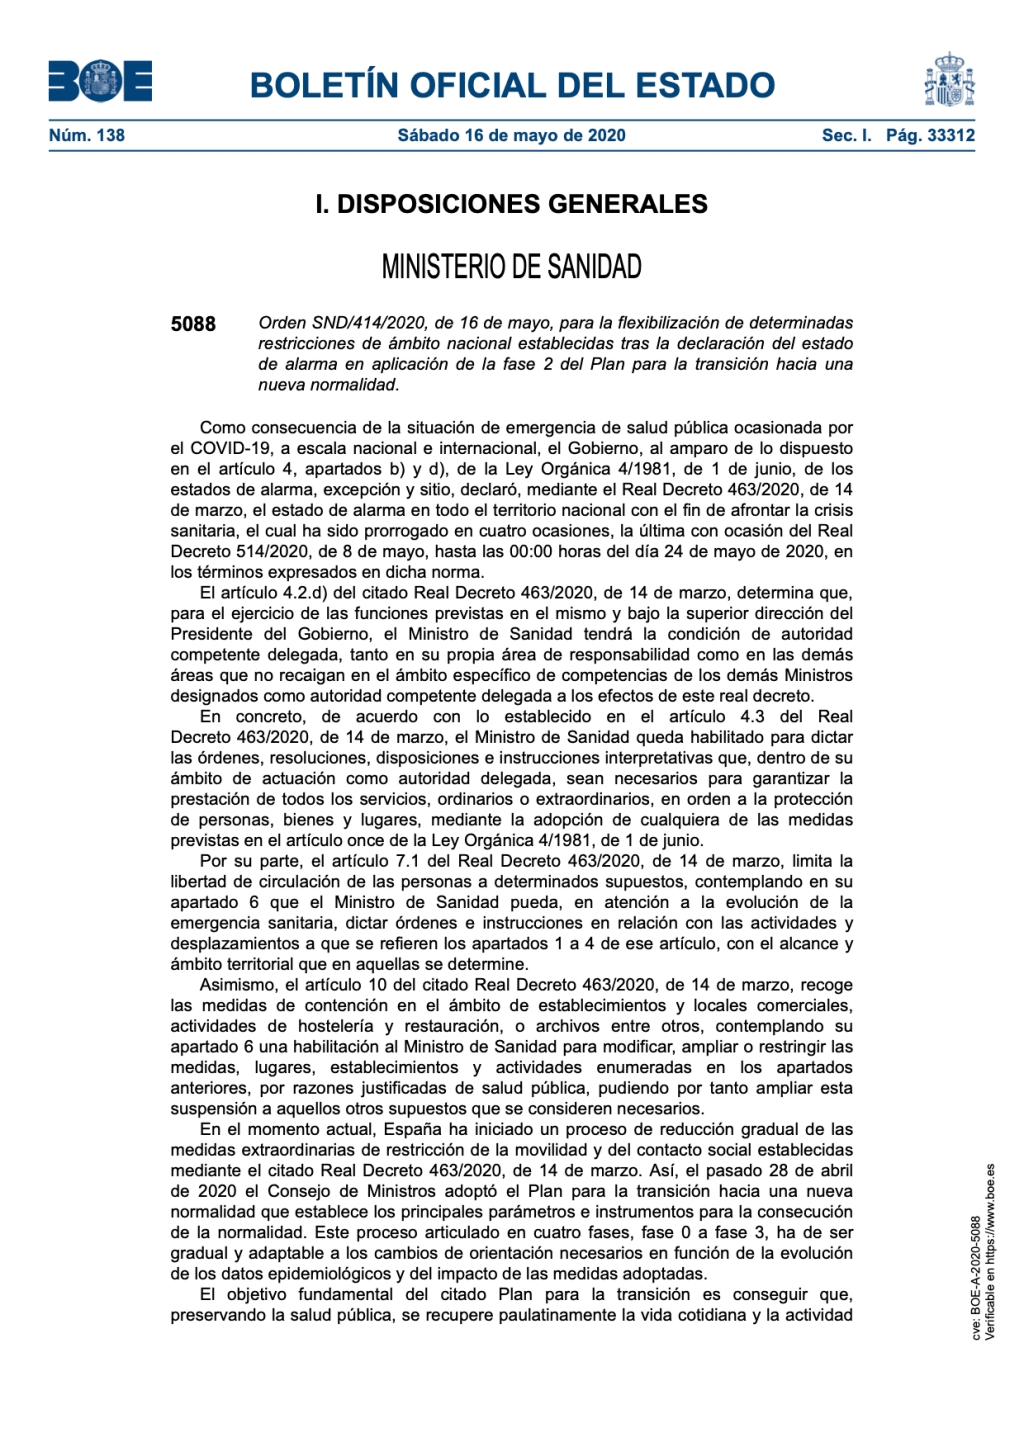 flexibilización de determinadas restricciones de ámbito nacional establecidas tras la declaración del estado de alarma